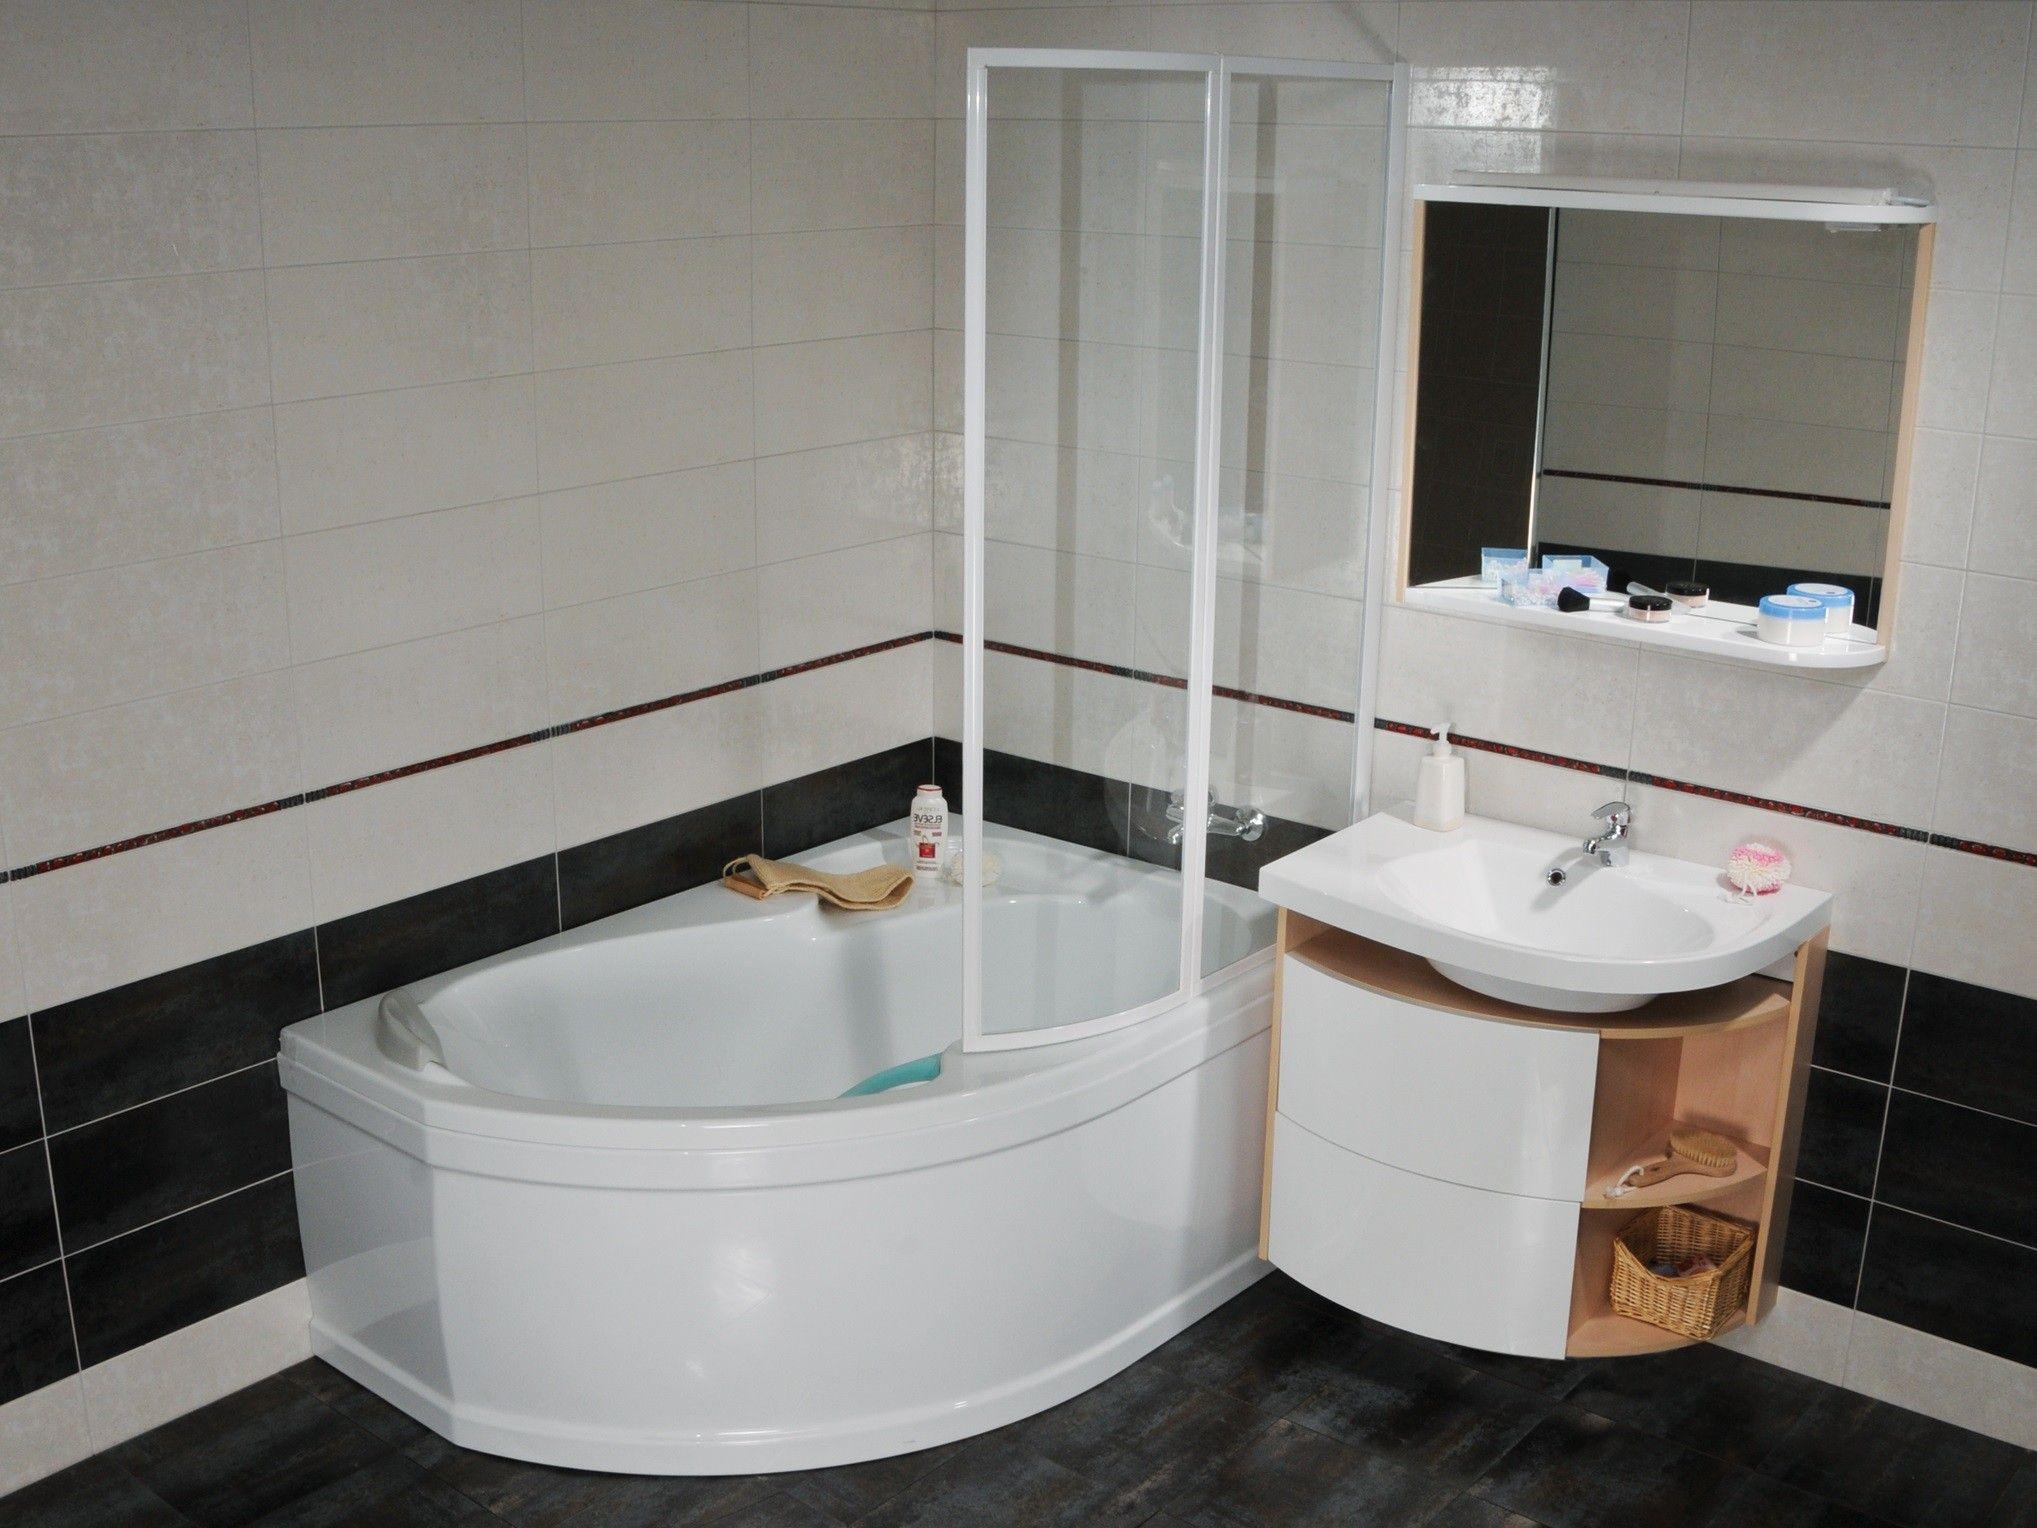 Raumspar Wanne 140 X 105 Cm Schurze Bad Design Heizung Badewanne Mit Dusche Badewanne Wanne